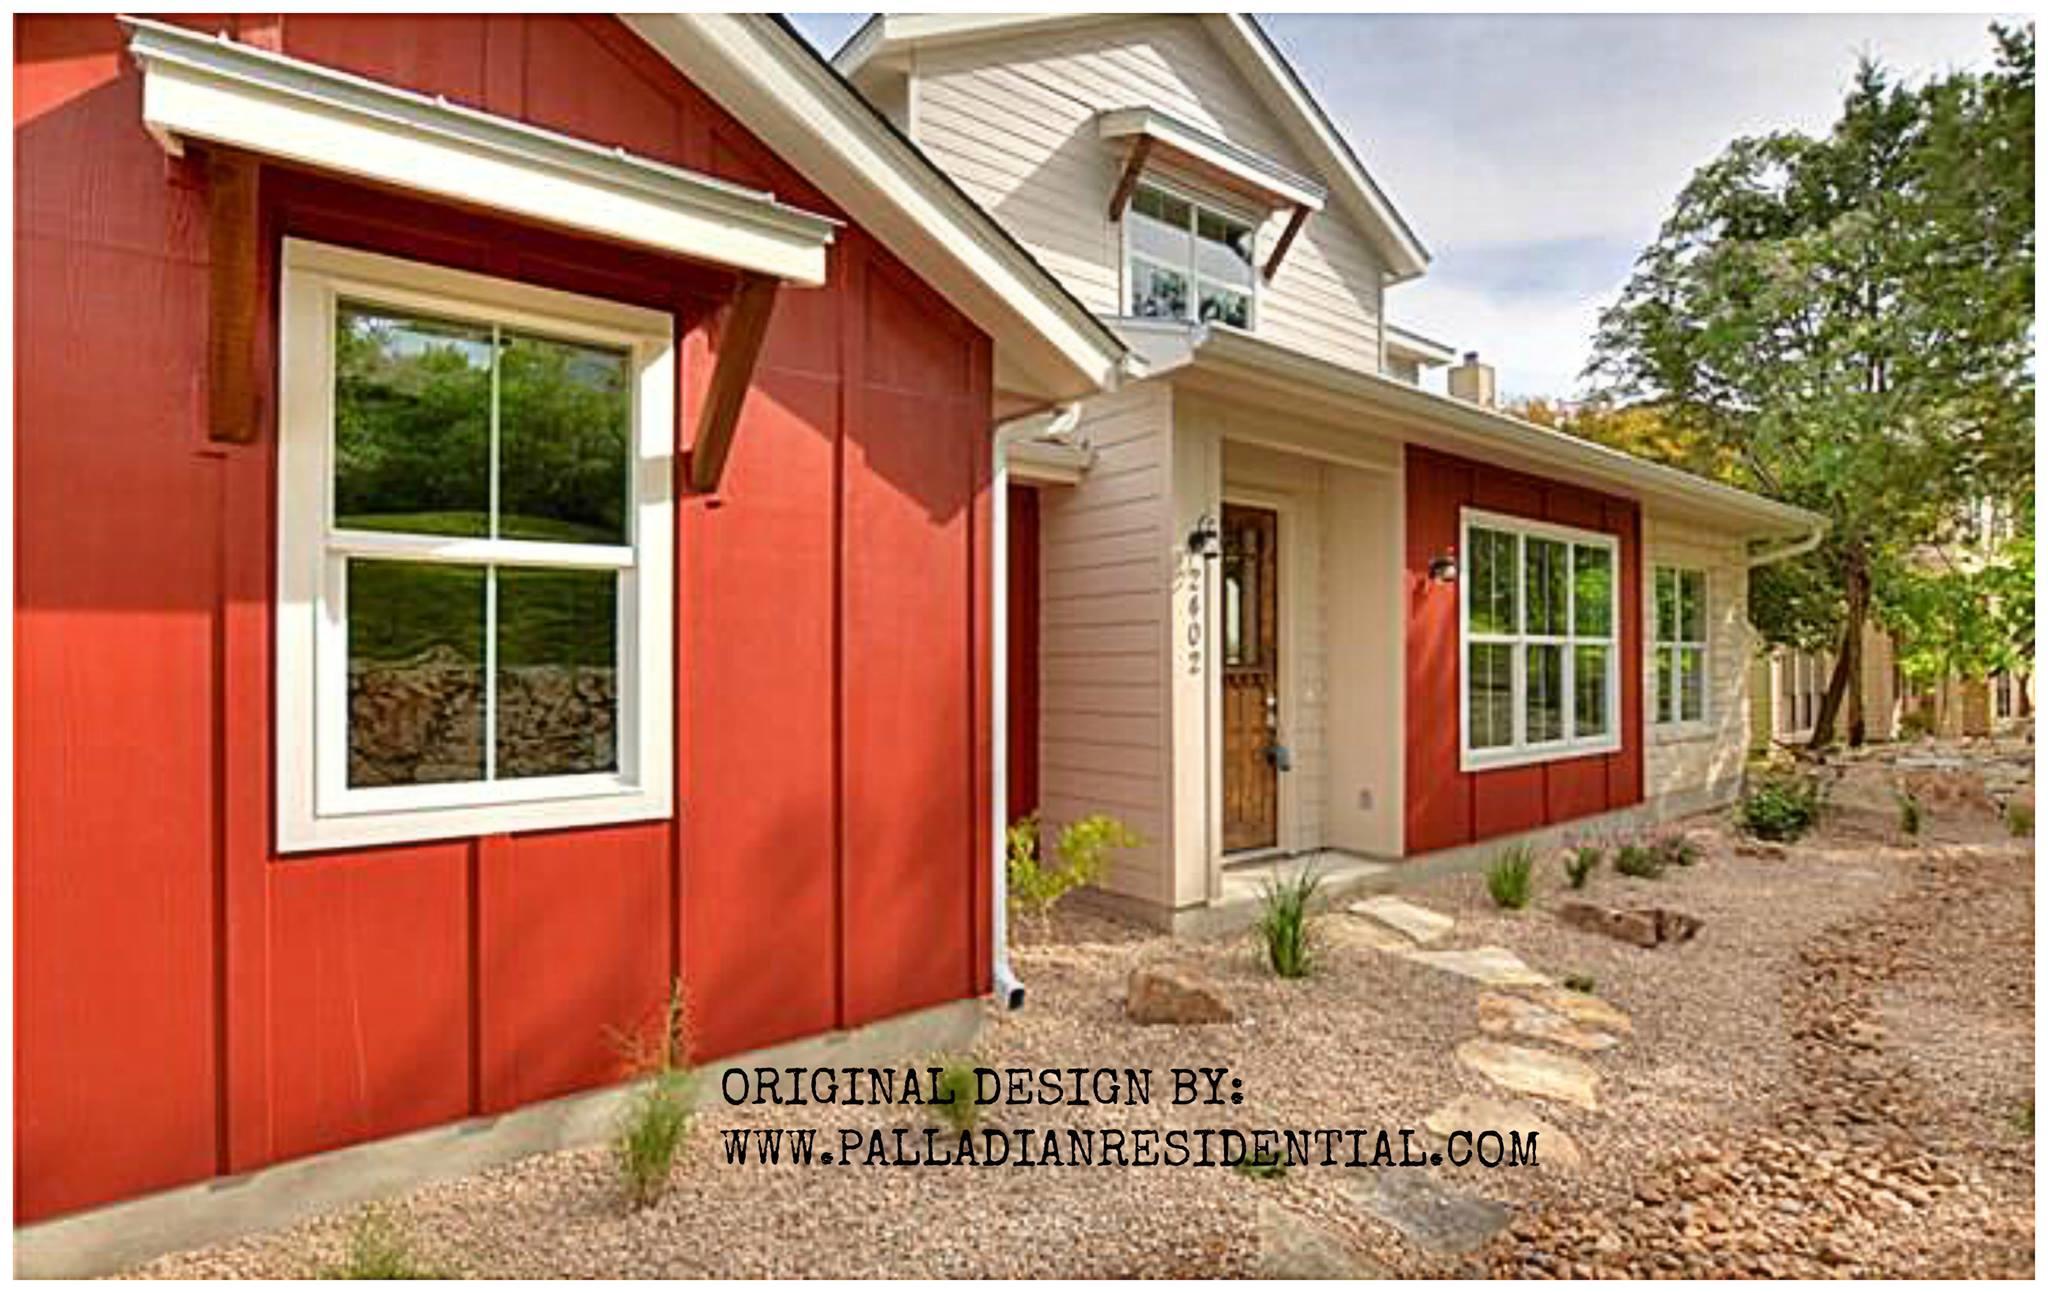 Palladian Residential, LLC image 8